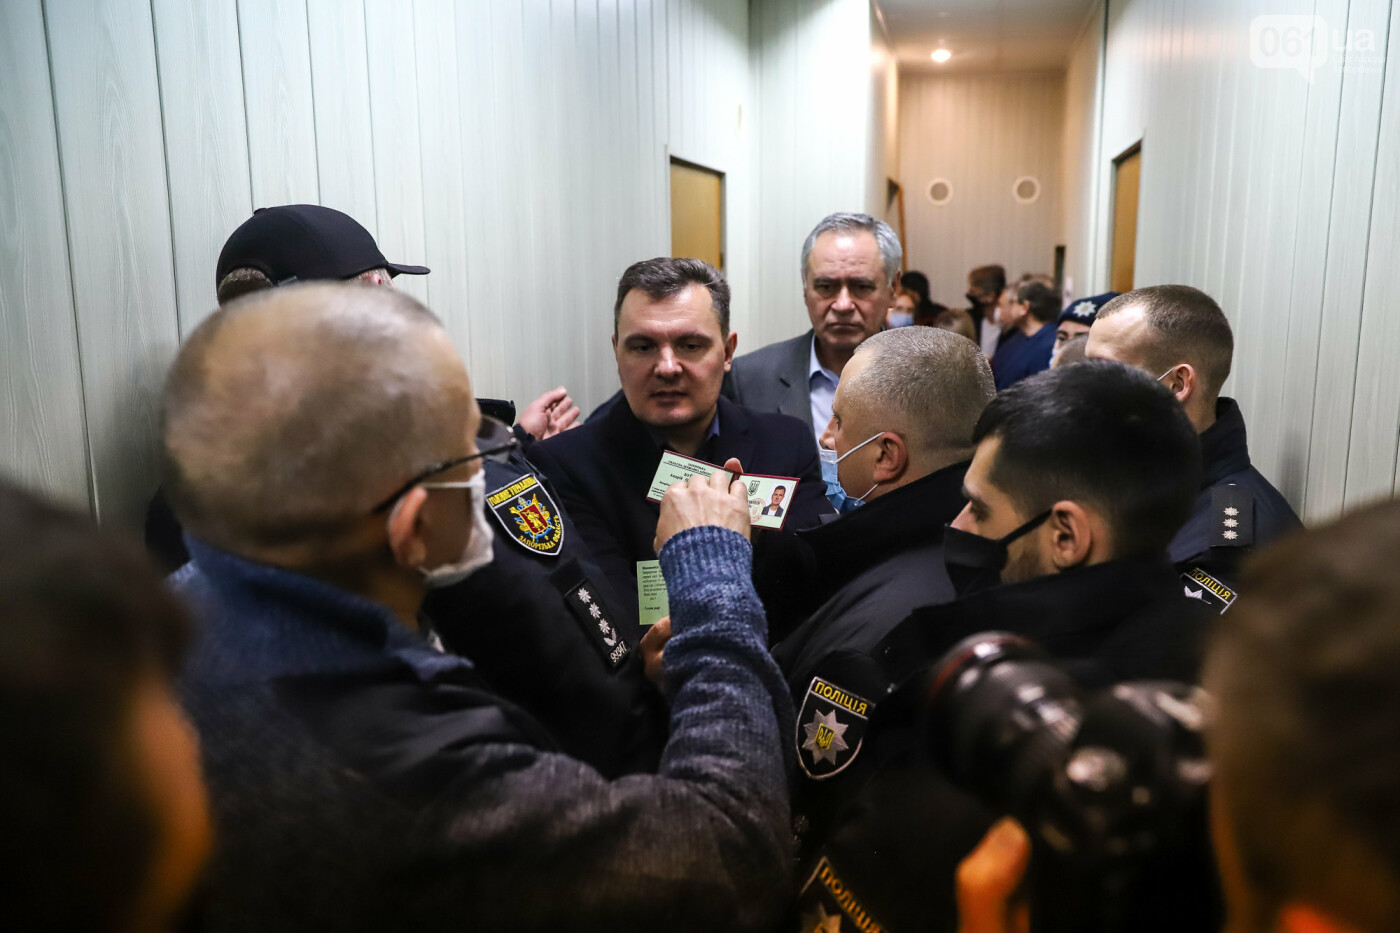 """Тайная """"сессия"""", сотни правоохранителей и стычки с активистами - что происходило в здании Запорожского облсовета, - ФОТО, ВИДЕО , фото-17"""